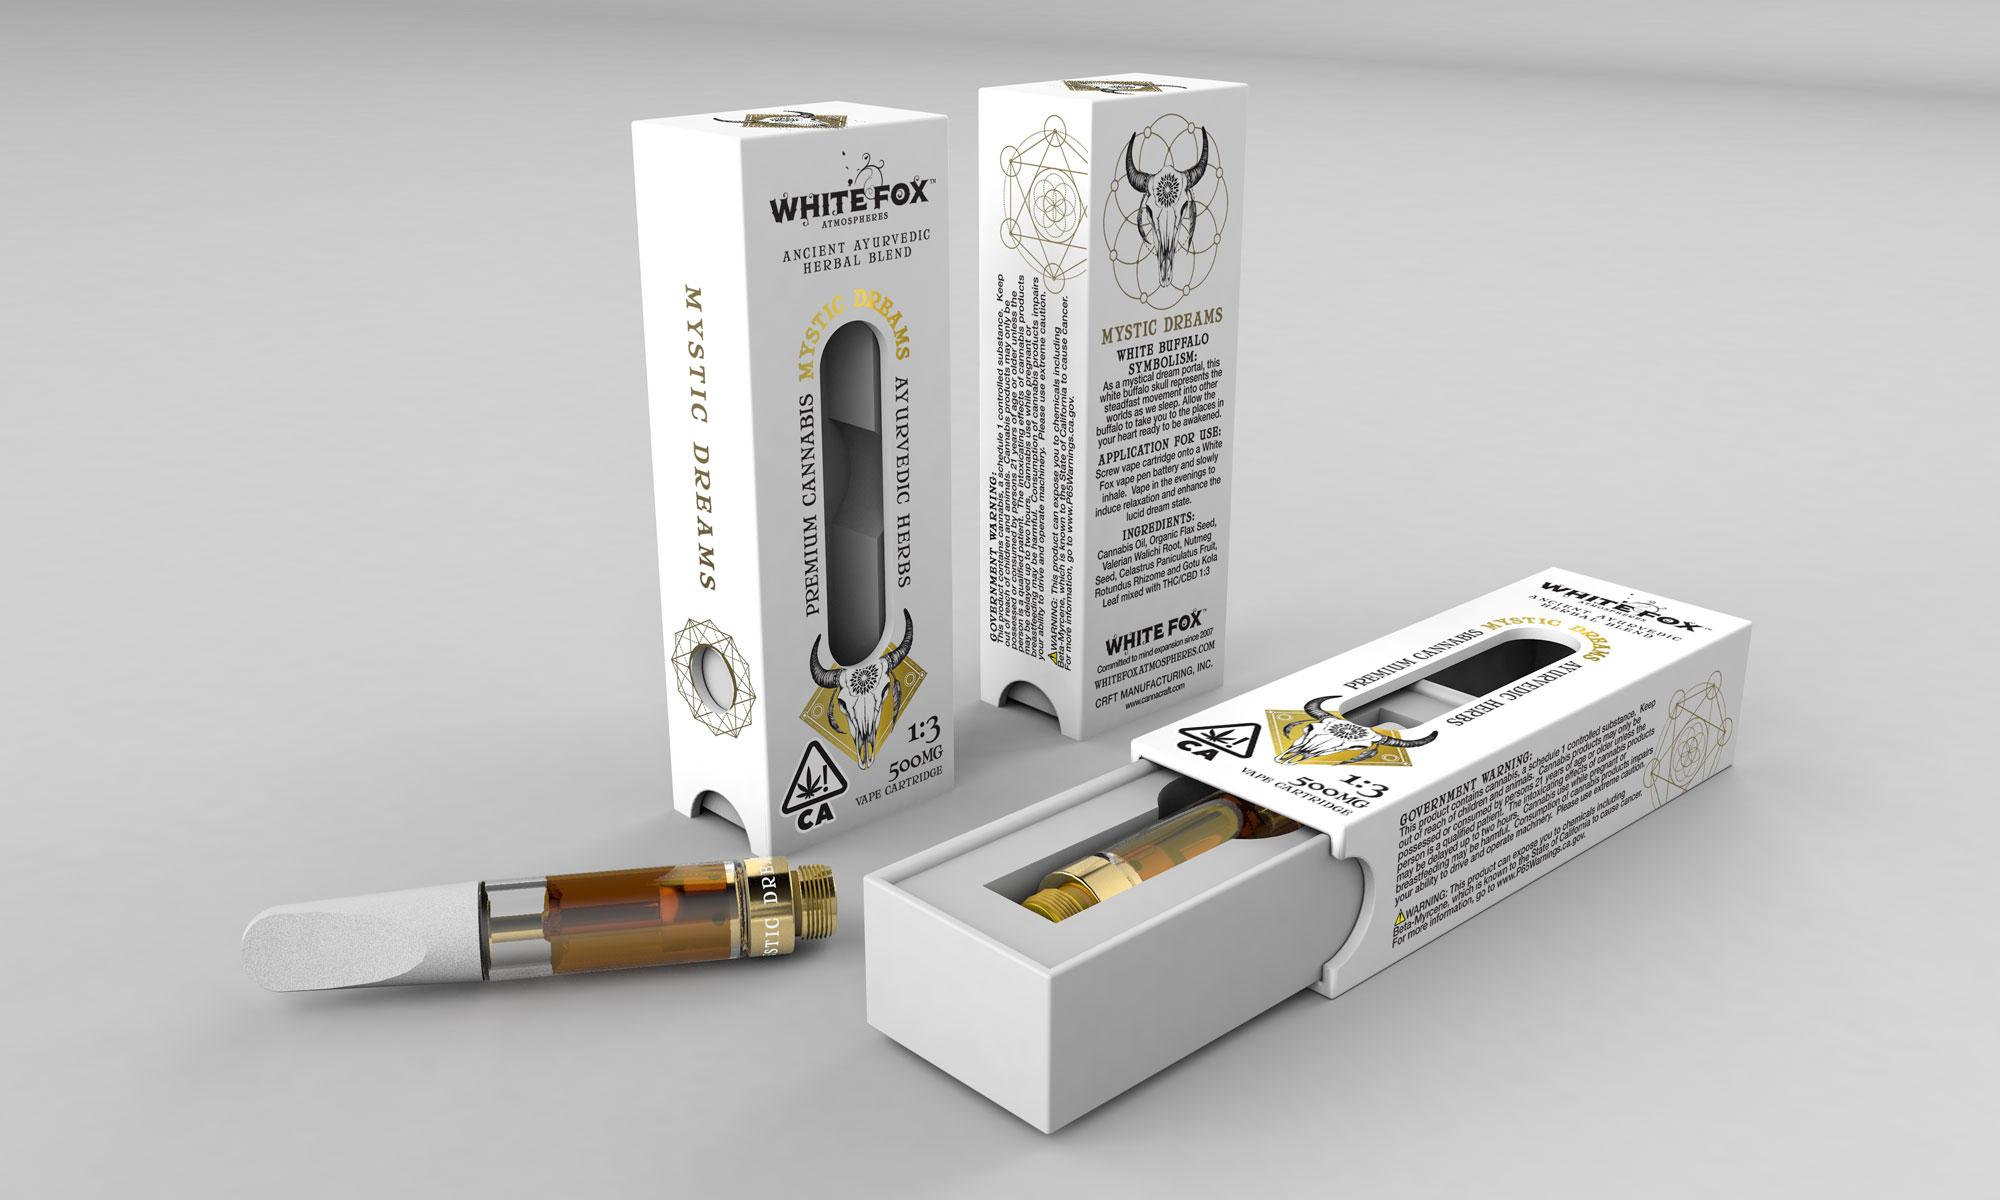 500 mg Cartridge 1:3